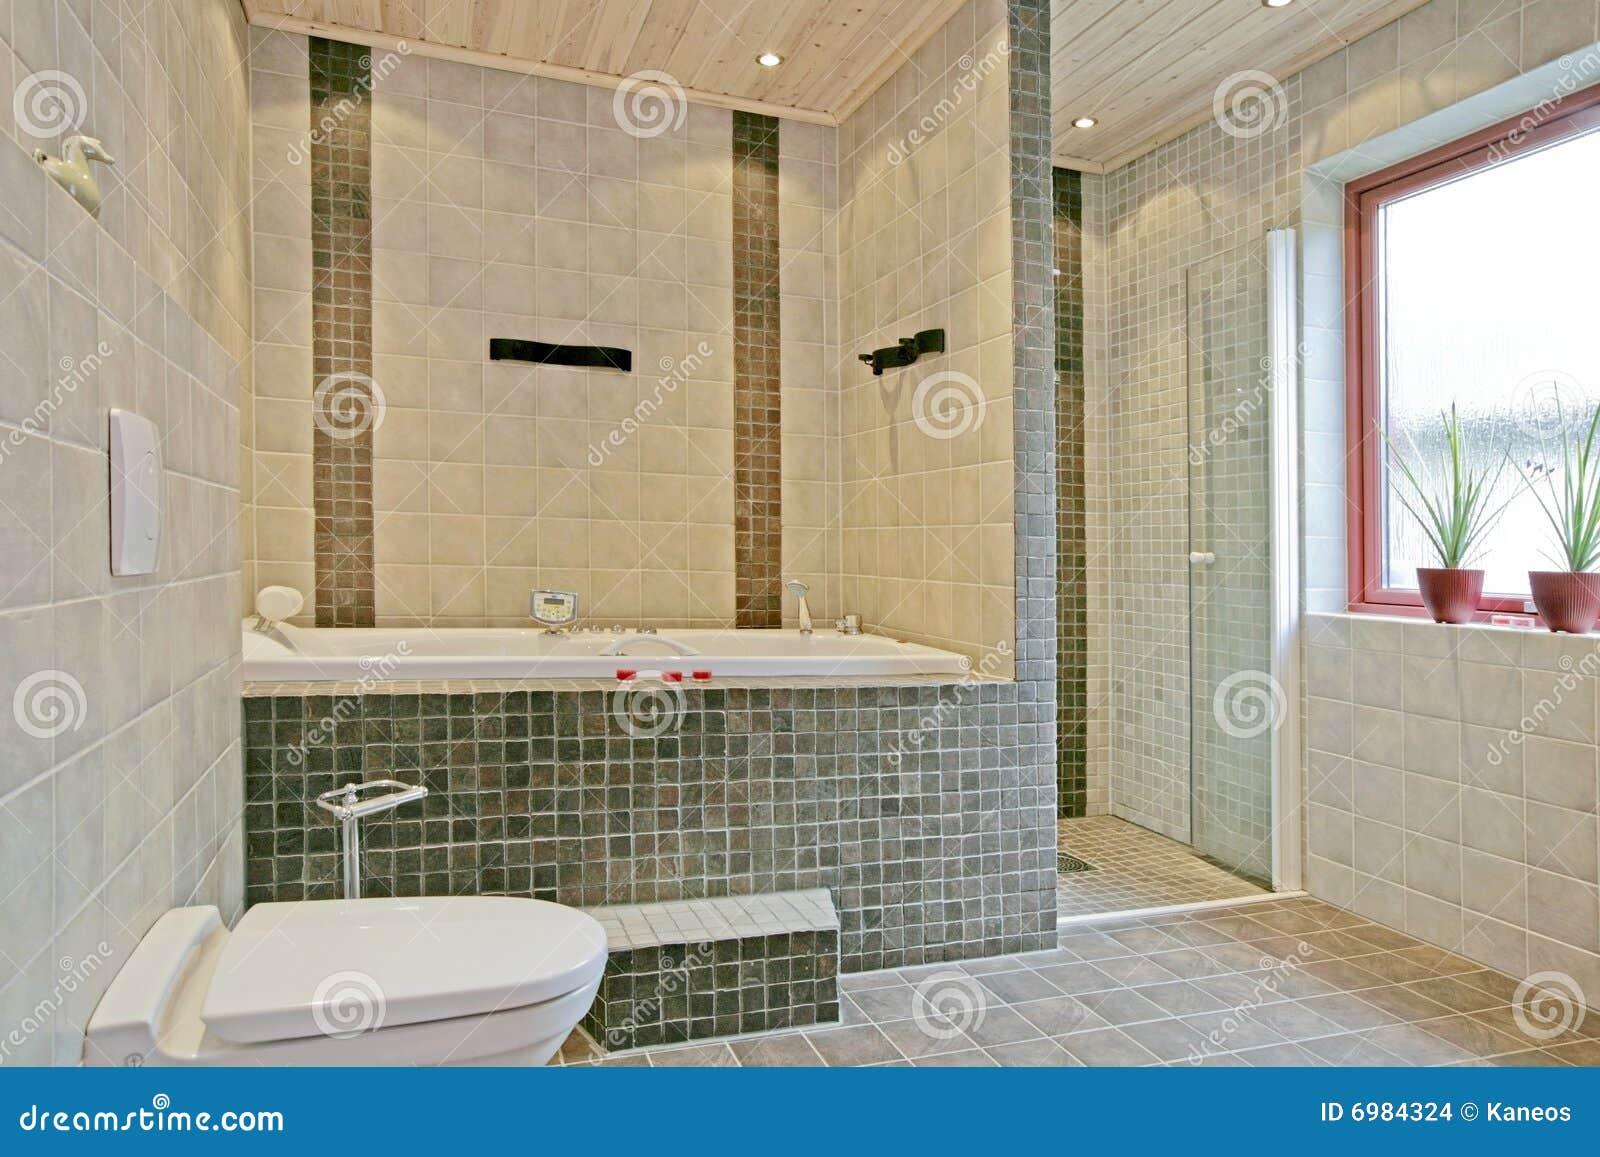 Salle De Bain Kohler ~ int rieur su dois exclusif de salle de bains photo stock image du